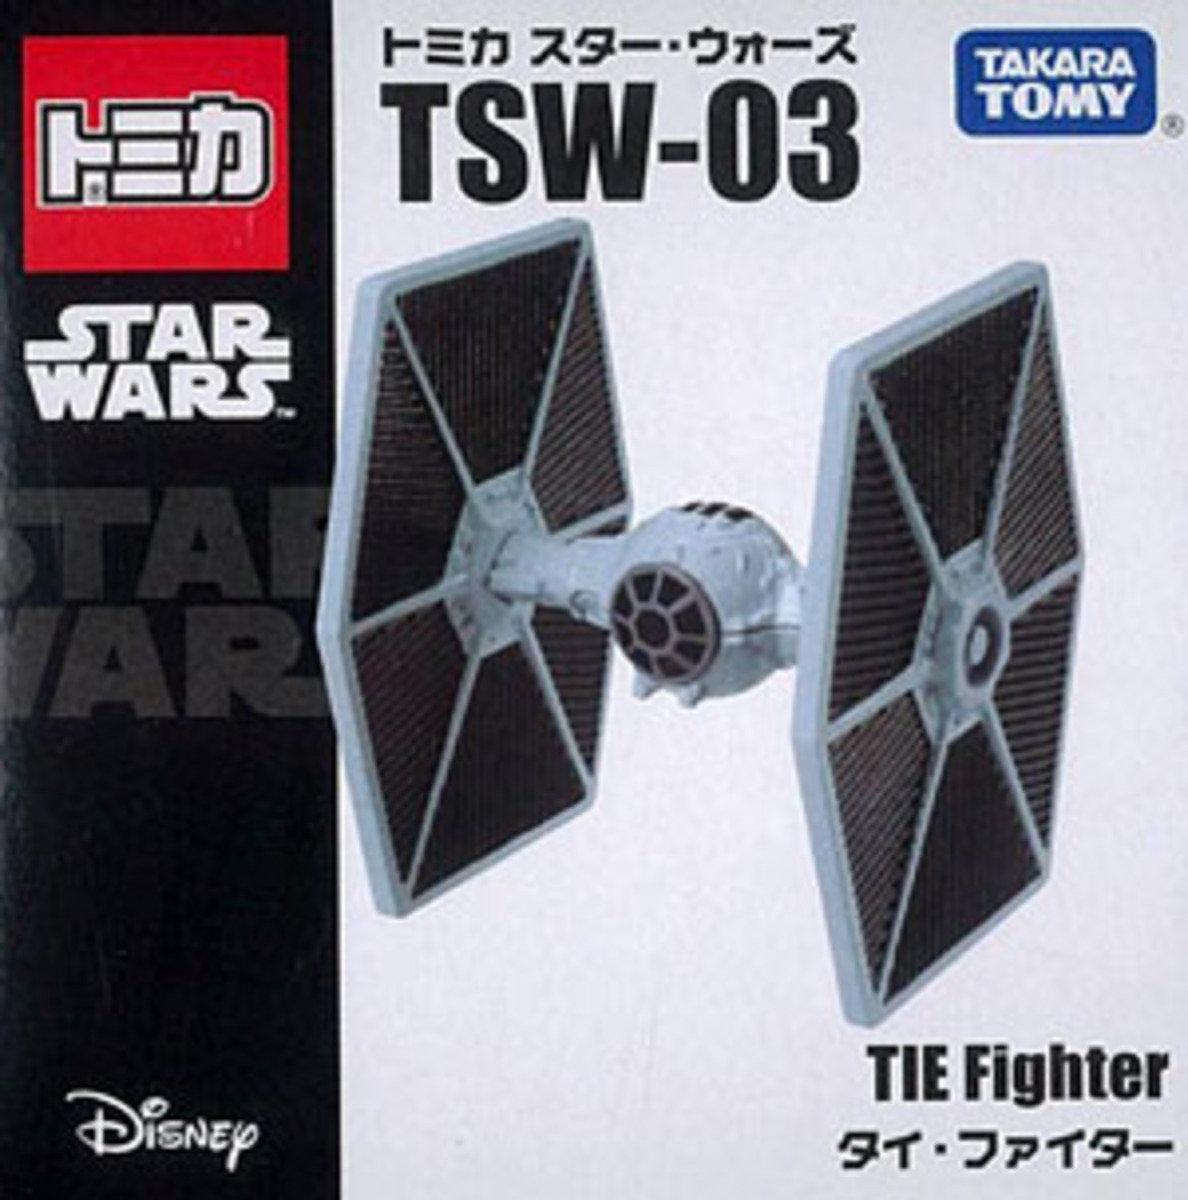 Star Wars 星球大戰系列 TSW-03 TIE Fighter 鈦戰機